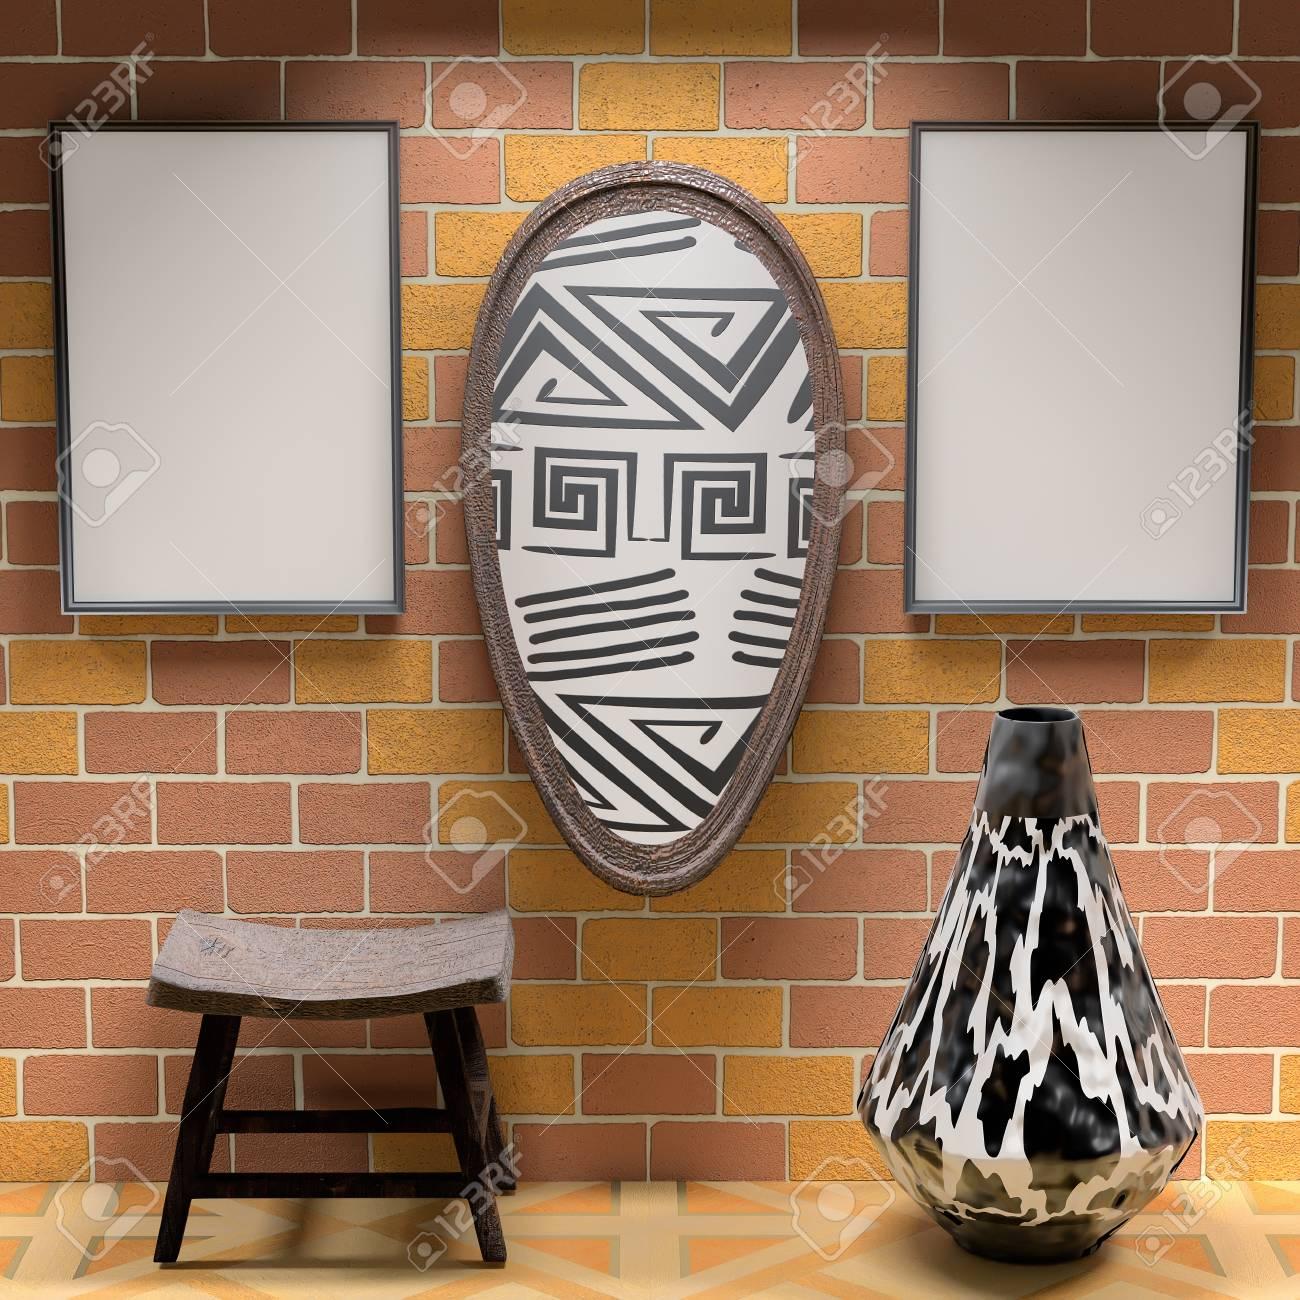 Mocap Afrikanischen Interieur Wohnzimmer. Leere Gemälde Und Schild Mit  Afrikanischen Mustern Auf Der Mauer.